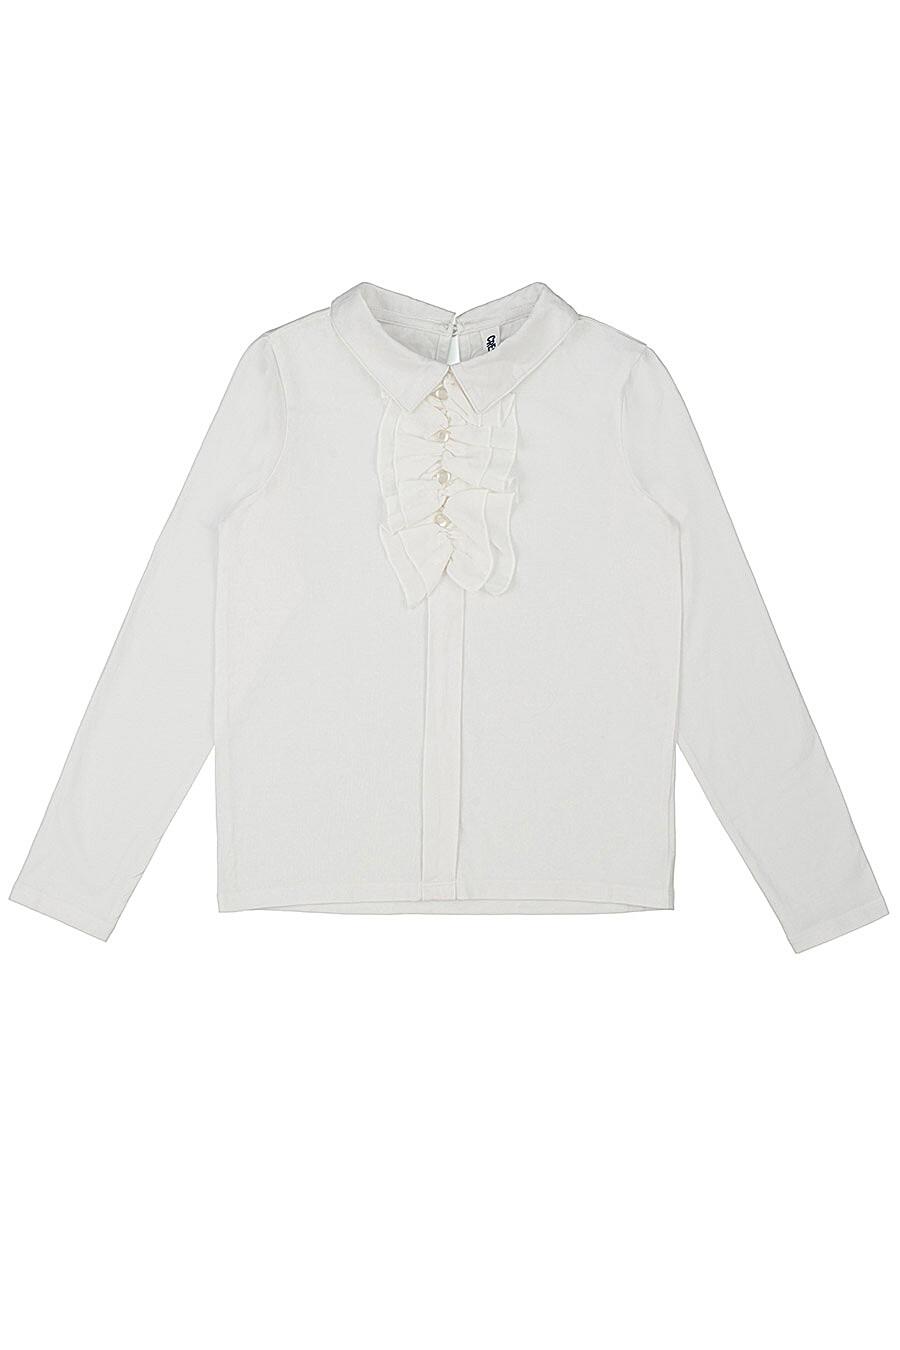 Блуза для девочек IN FUNT 219138 купить оптом от производителя. Совместная покупка детской одежды в OptMoyo